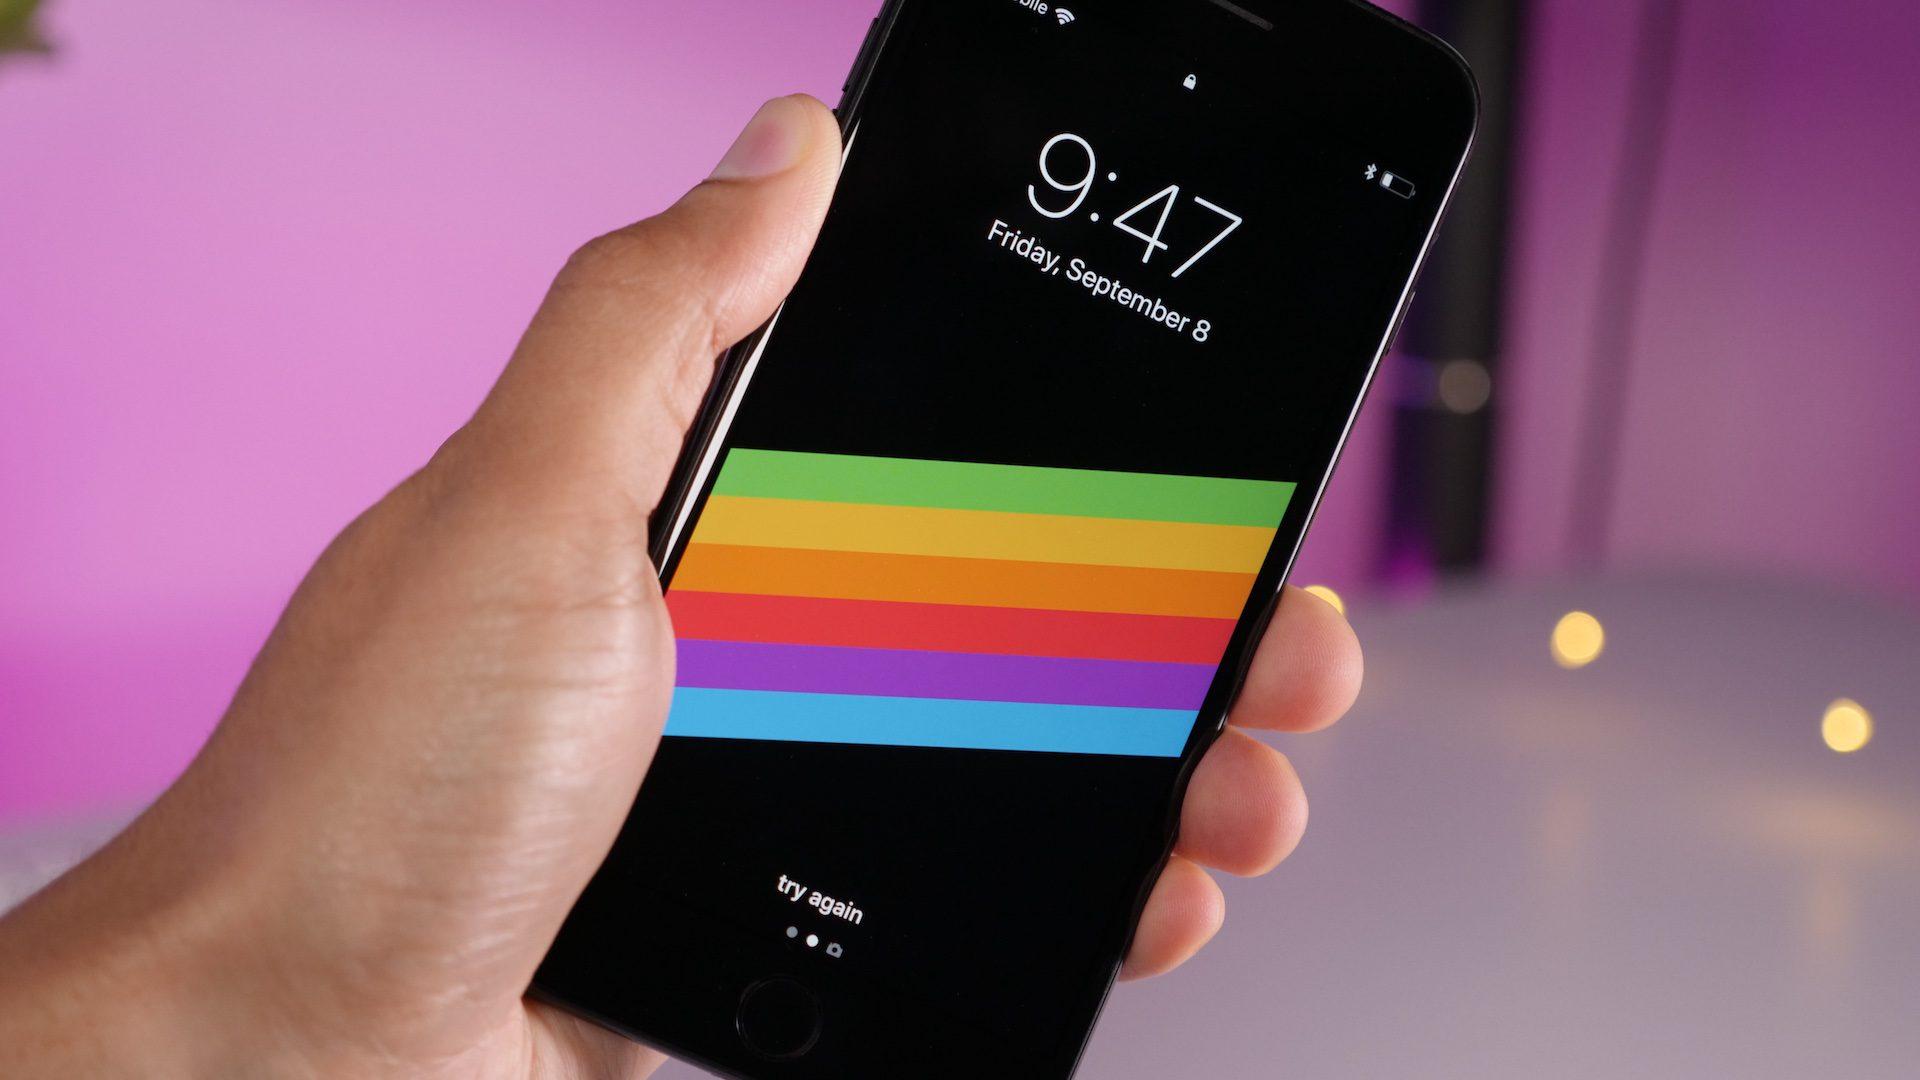 Bekeményített az Apple: a szivárogtató dolgozókat azonnal kirúgják és beperelik